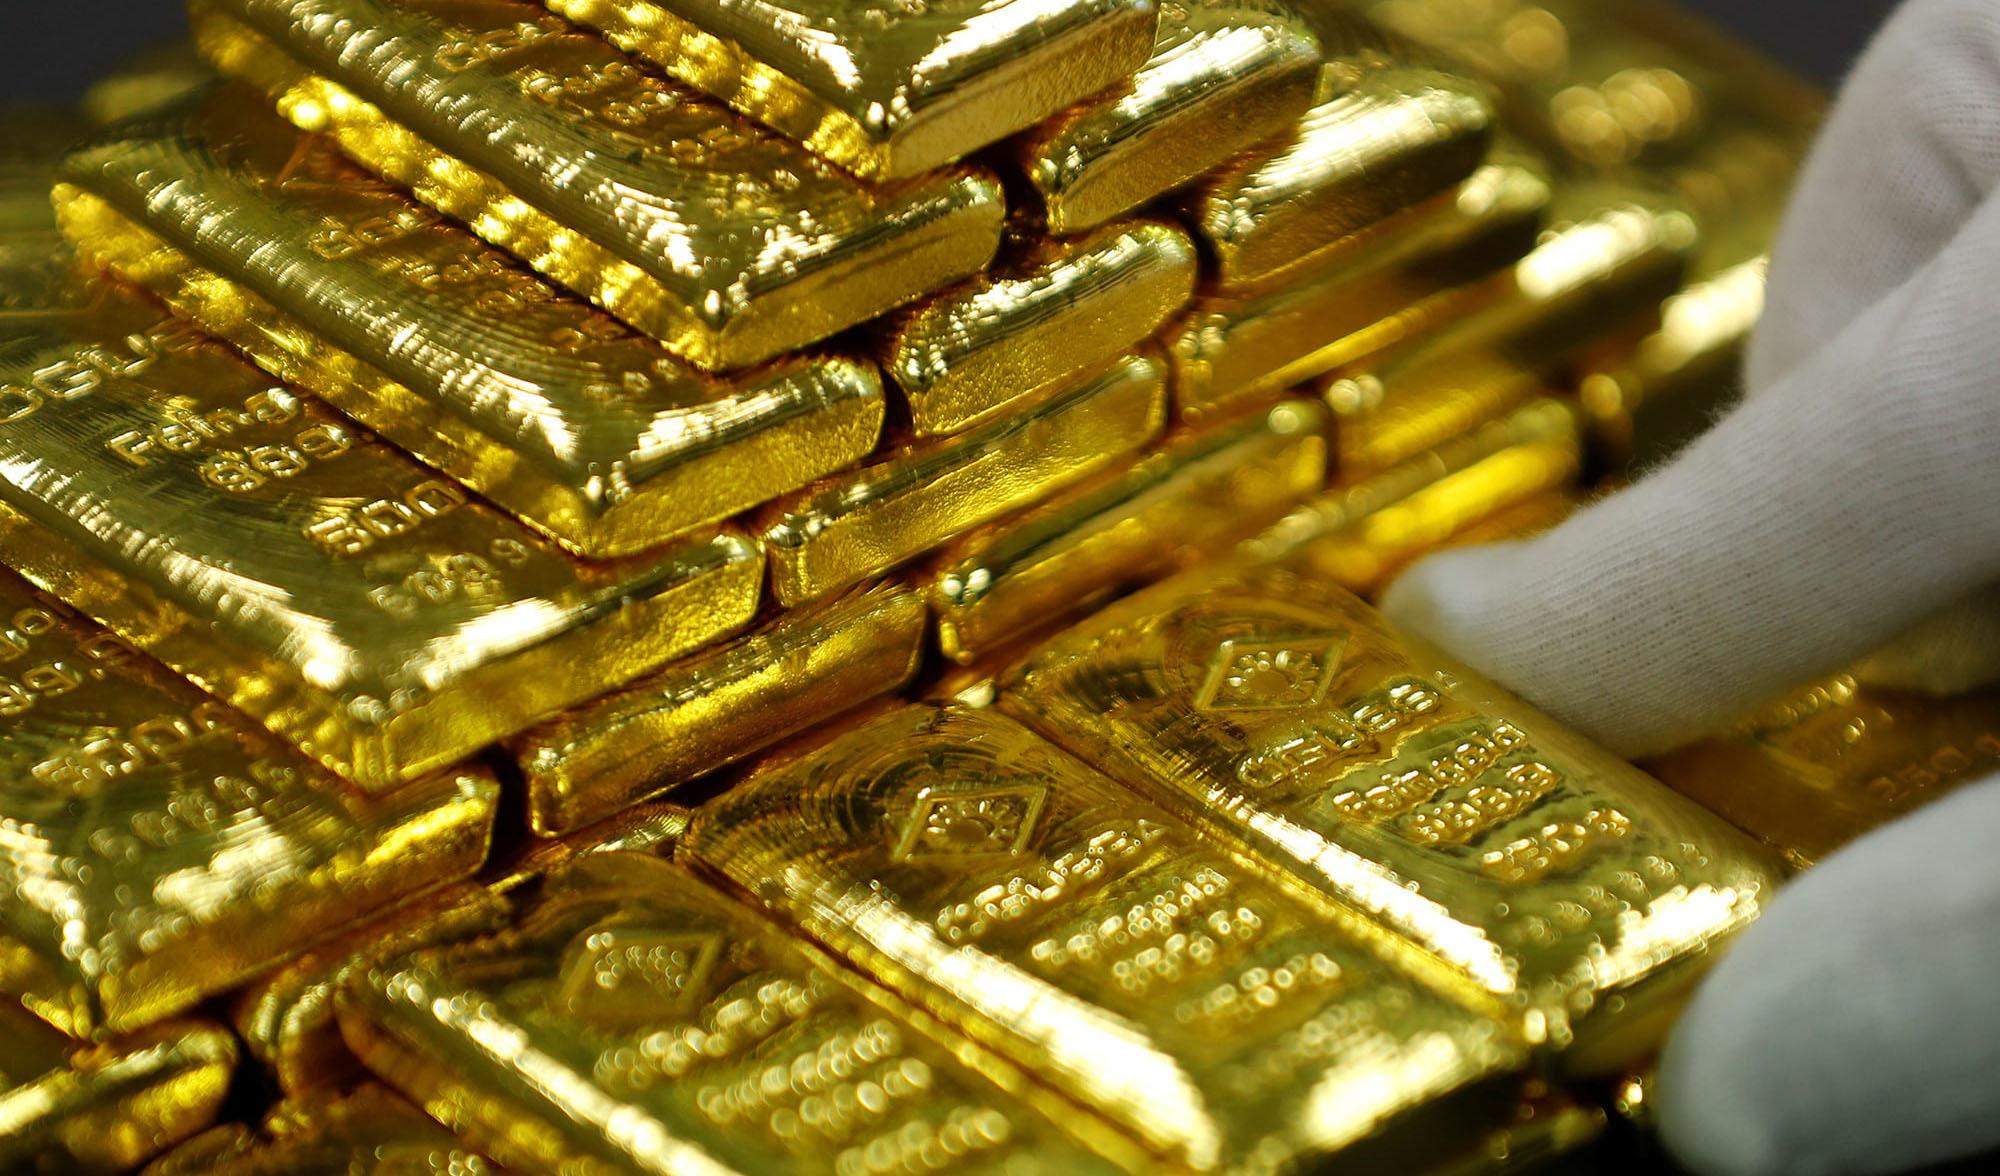 افزایش قیمت جهانی طلا به دنبال سیاستگذاری فدرال رزرو